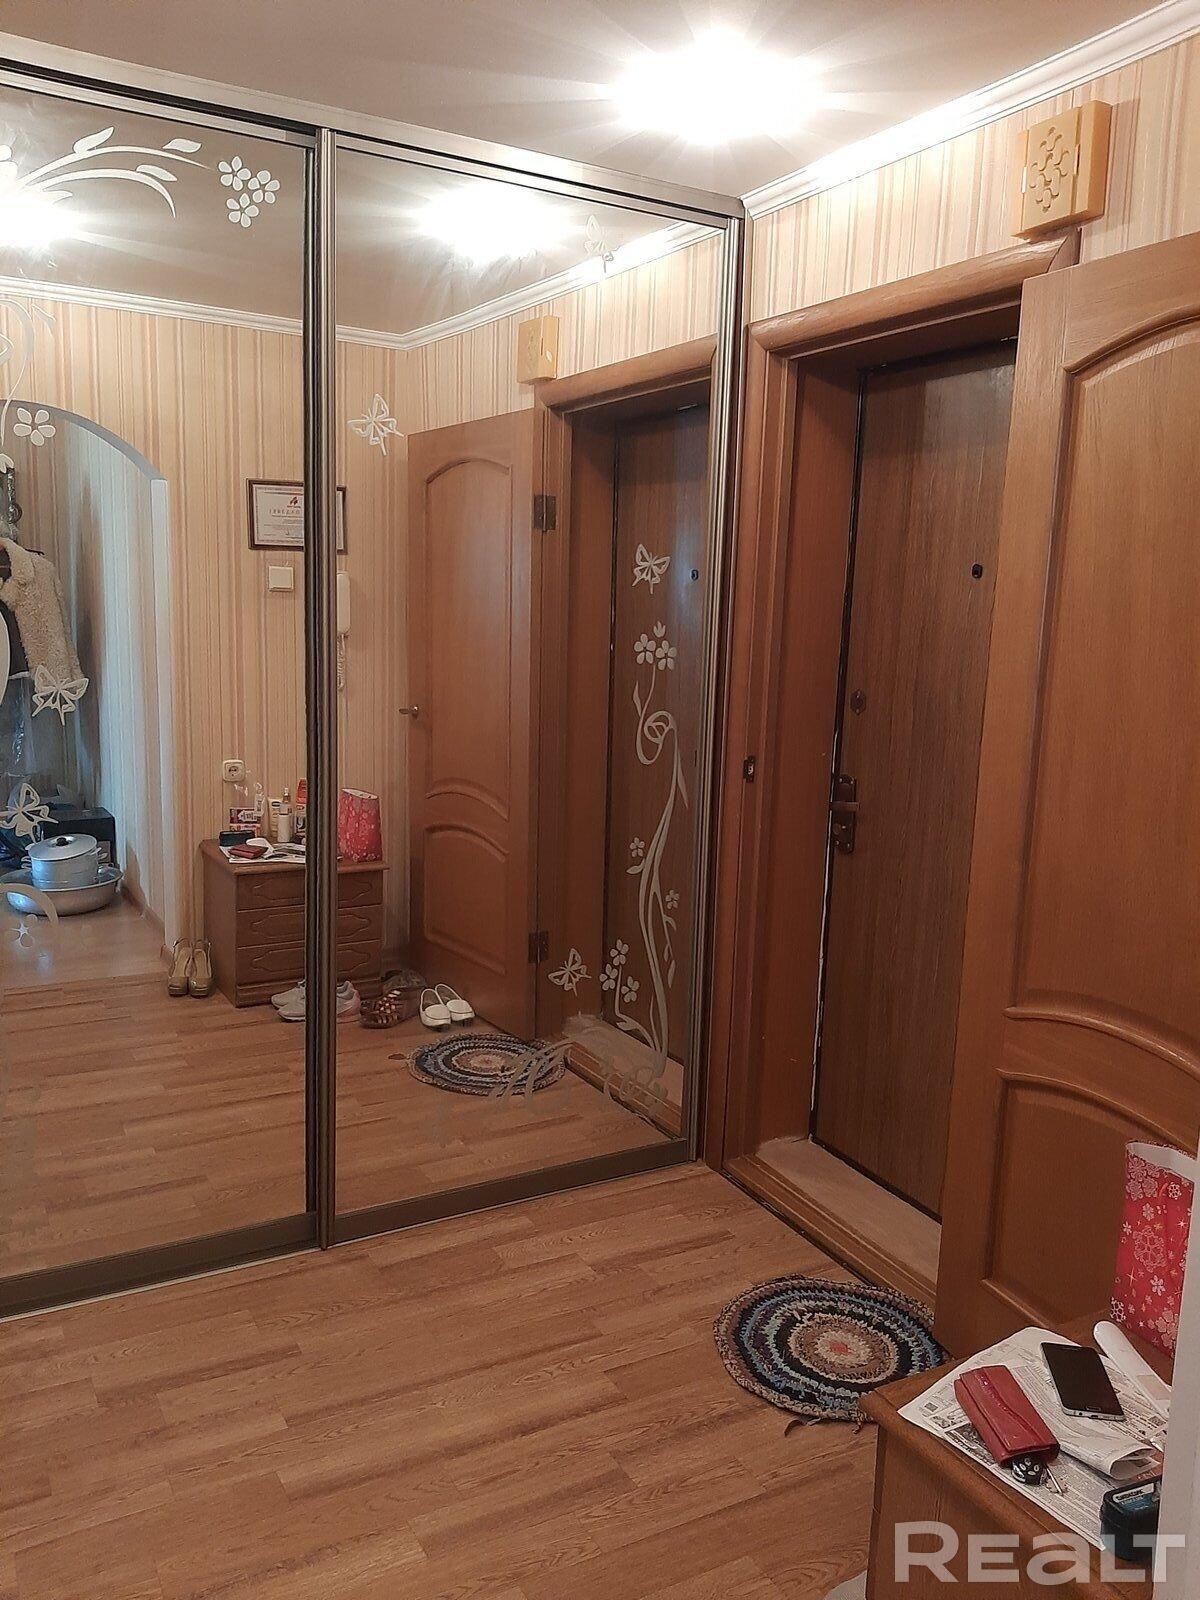 Продажа 3-х комнатной квартиры в г. Чаусах, ул. Первомайская, дом 45. Цена 45 893 руб